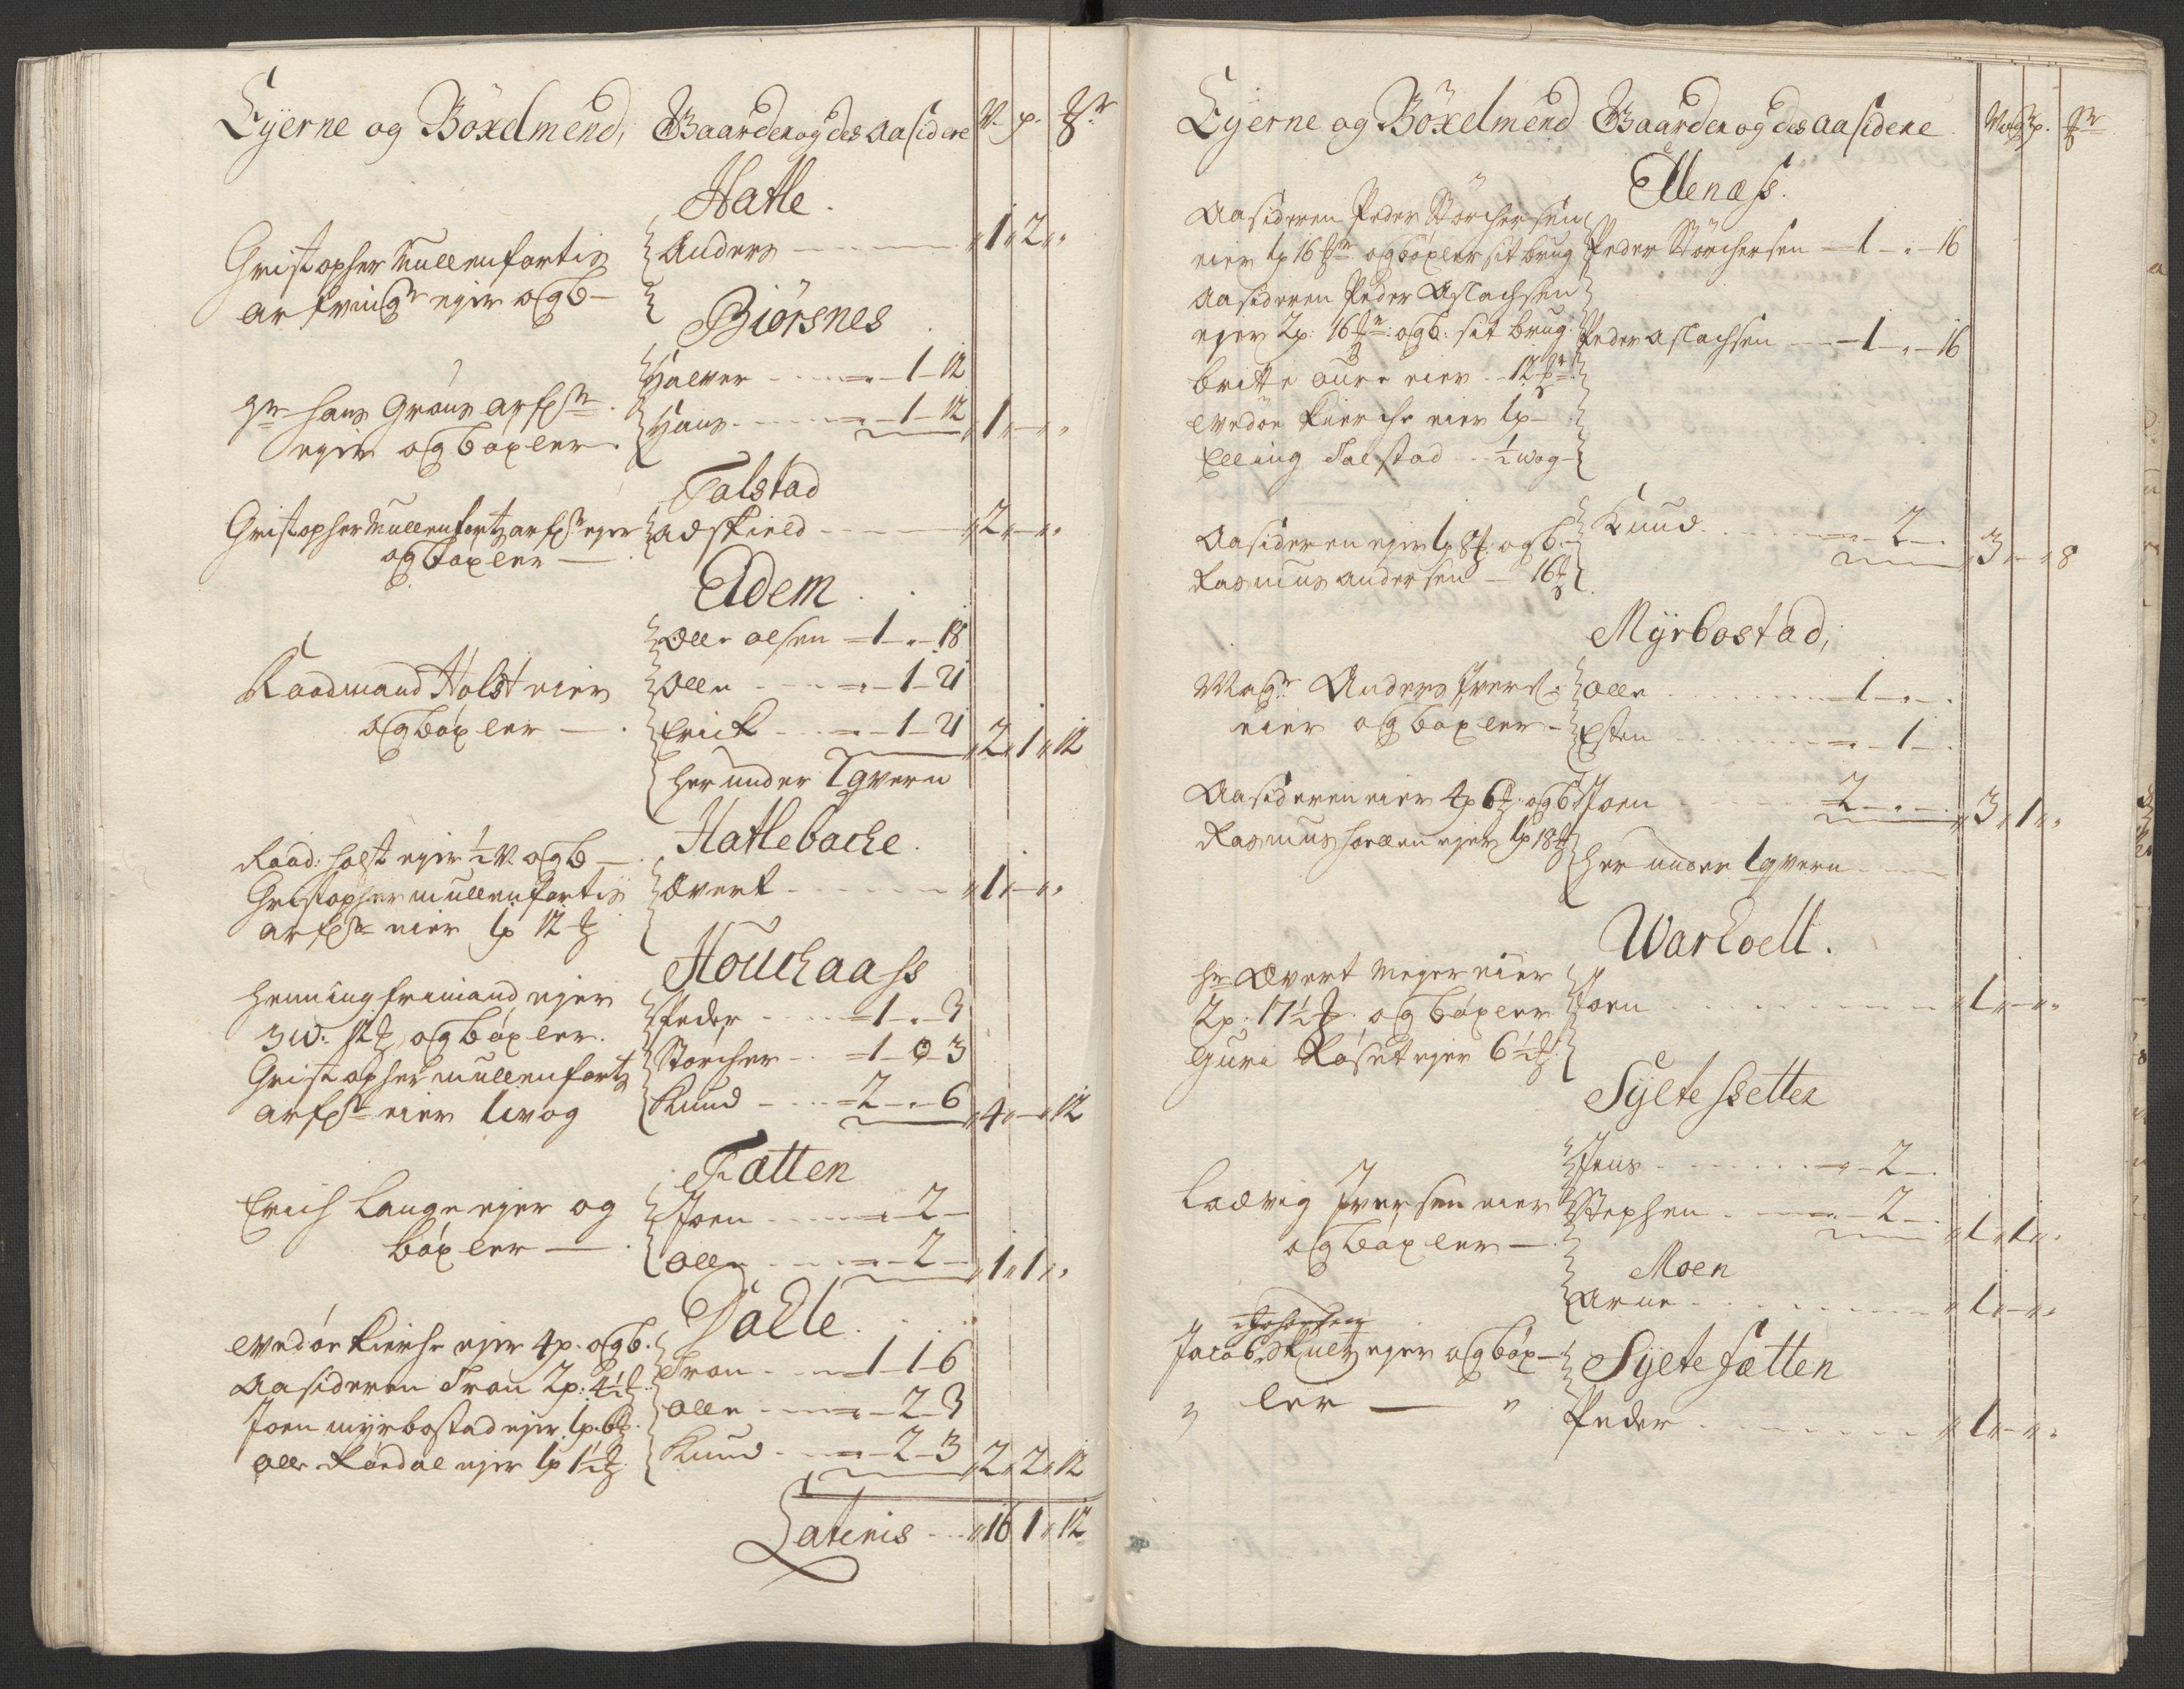 RA, Rentekammeret inntil 1814, Reviderte regnskaper, Fogderegnskap, R55/L3665: Fogderegnskap Romsdal, 1718, s. 67